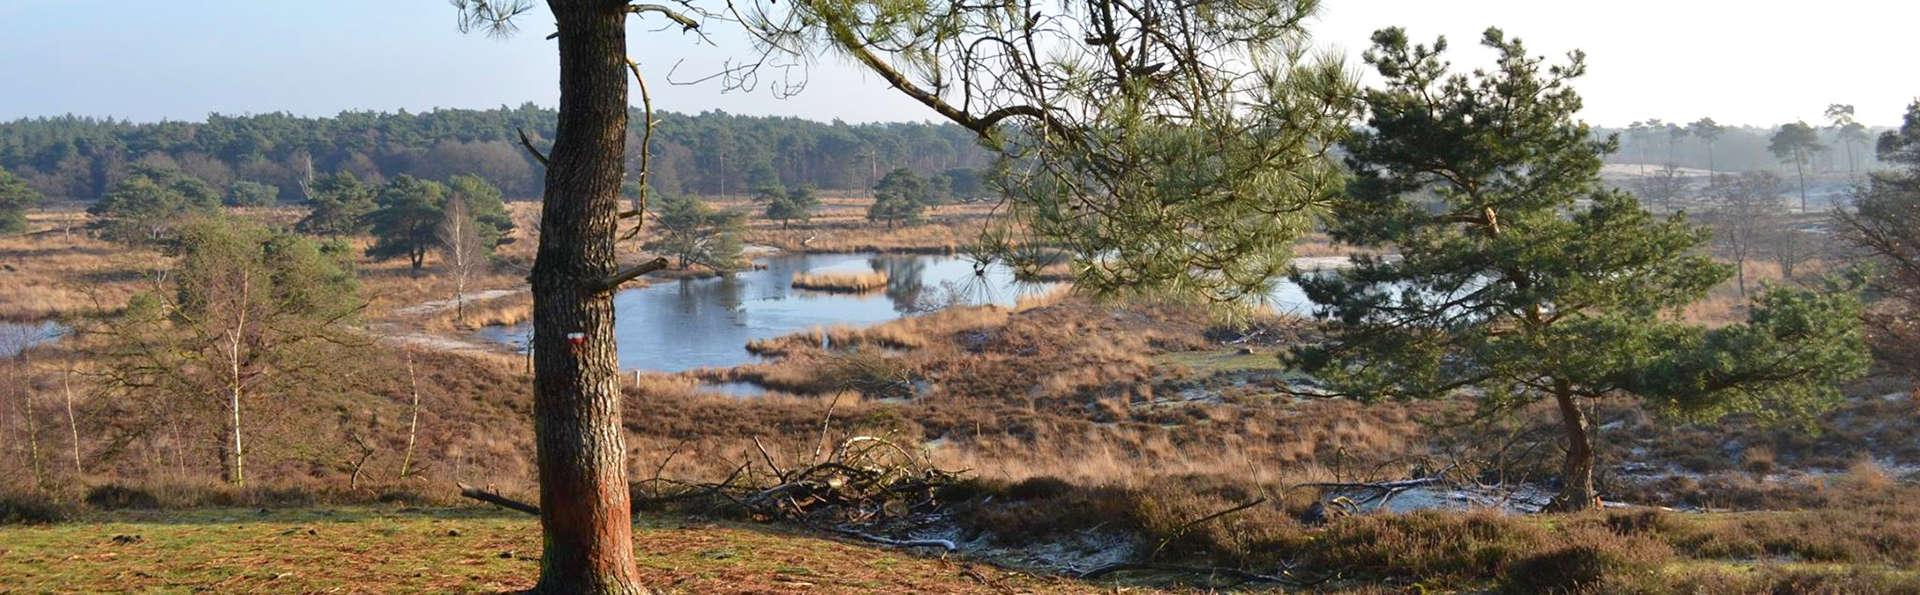 Découvrez la belle nature du parc national de Maasduinen (à partir de 2 nuits)